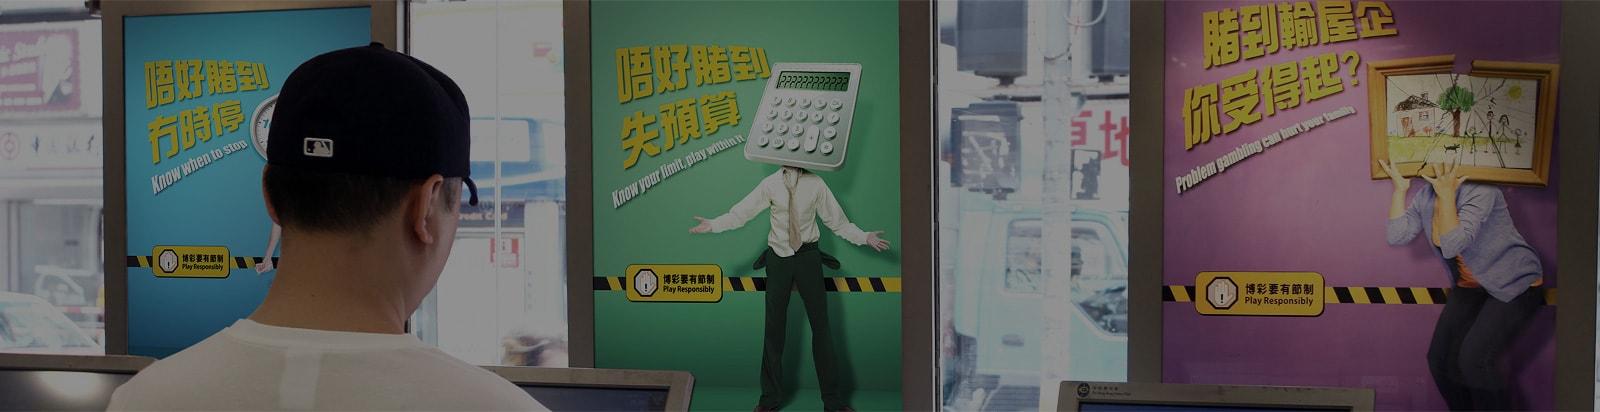 Pathological gambling hong kong